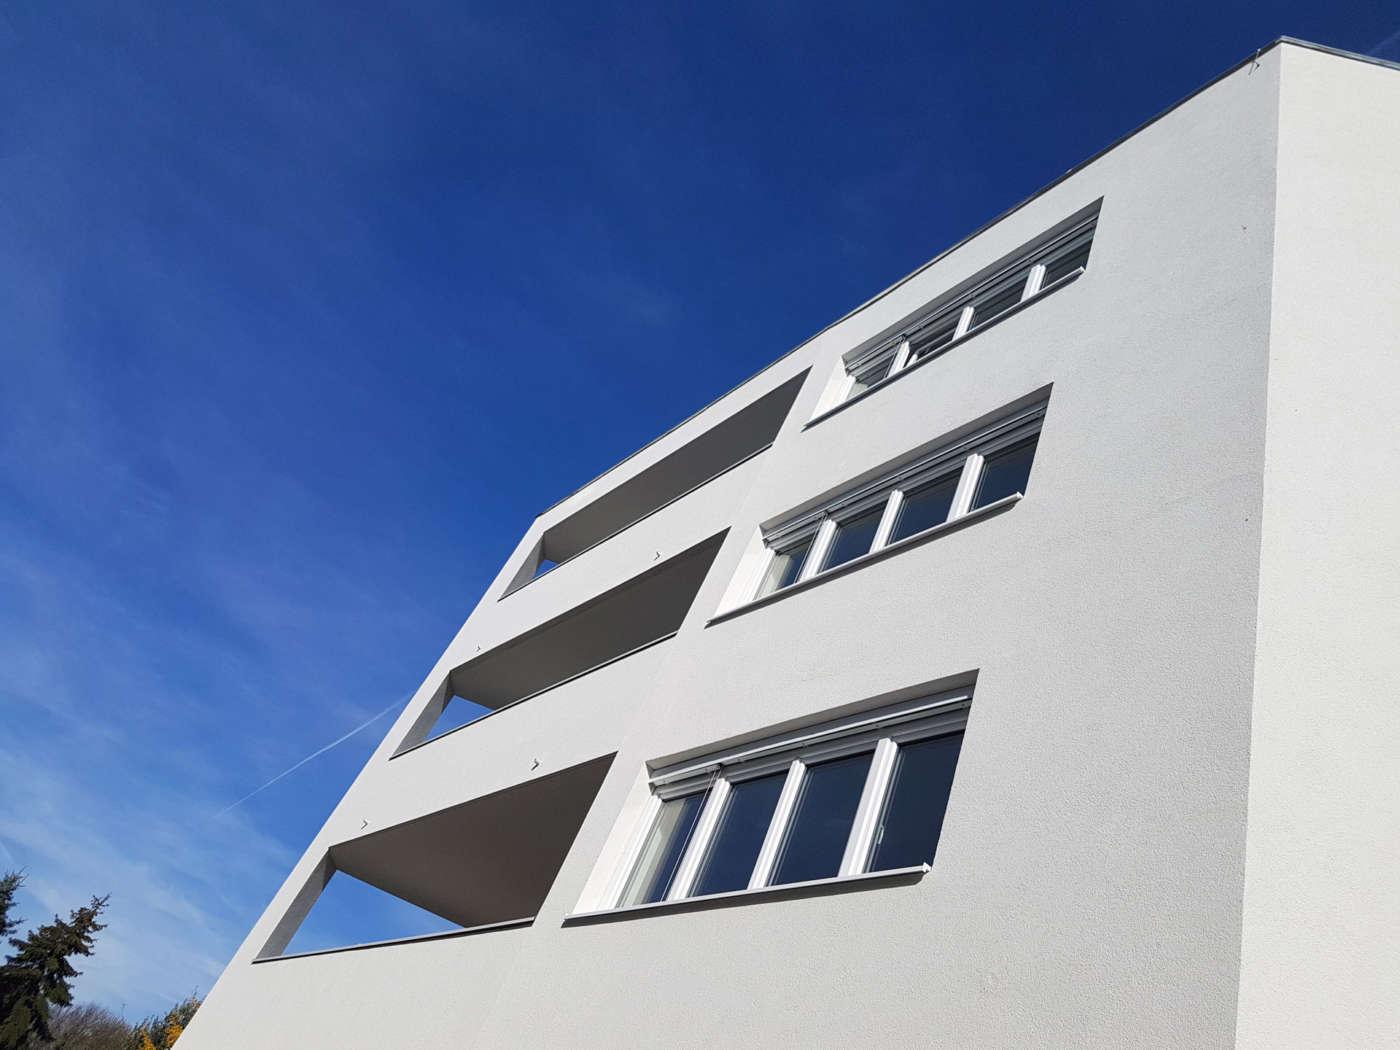 Wohnbau Mühlgangweg in 8010 Graz